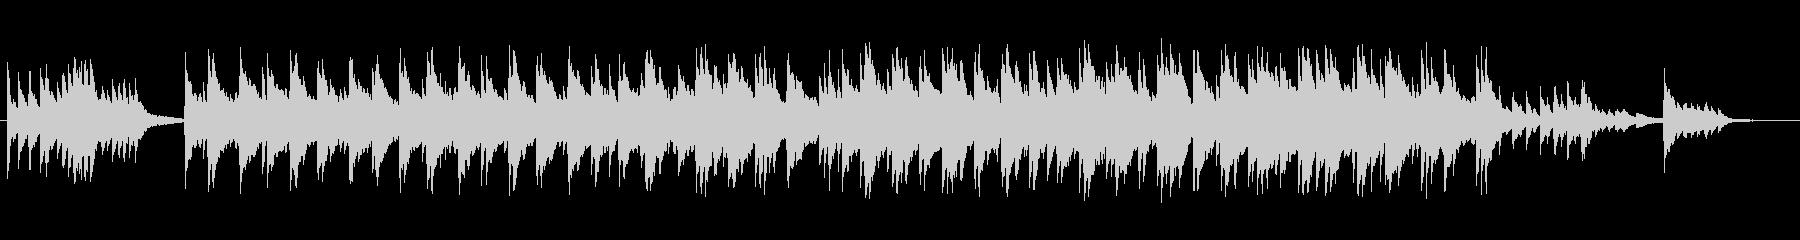 安心感のあるピアノバラードの未再生の波形